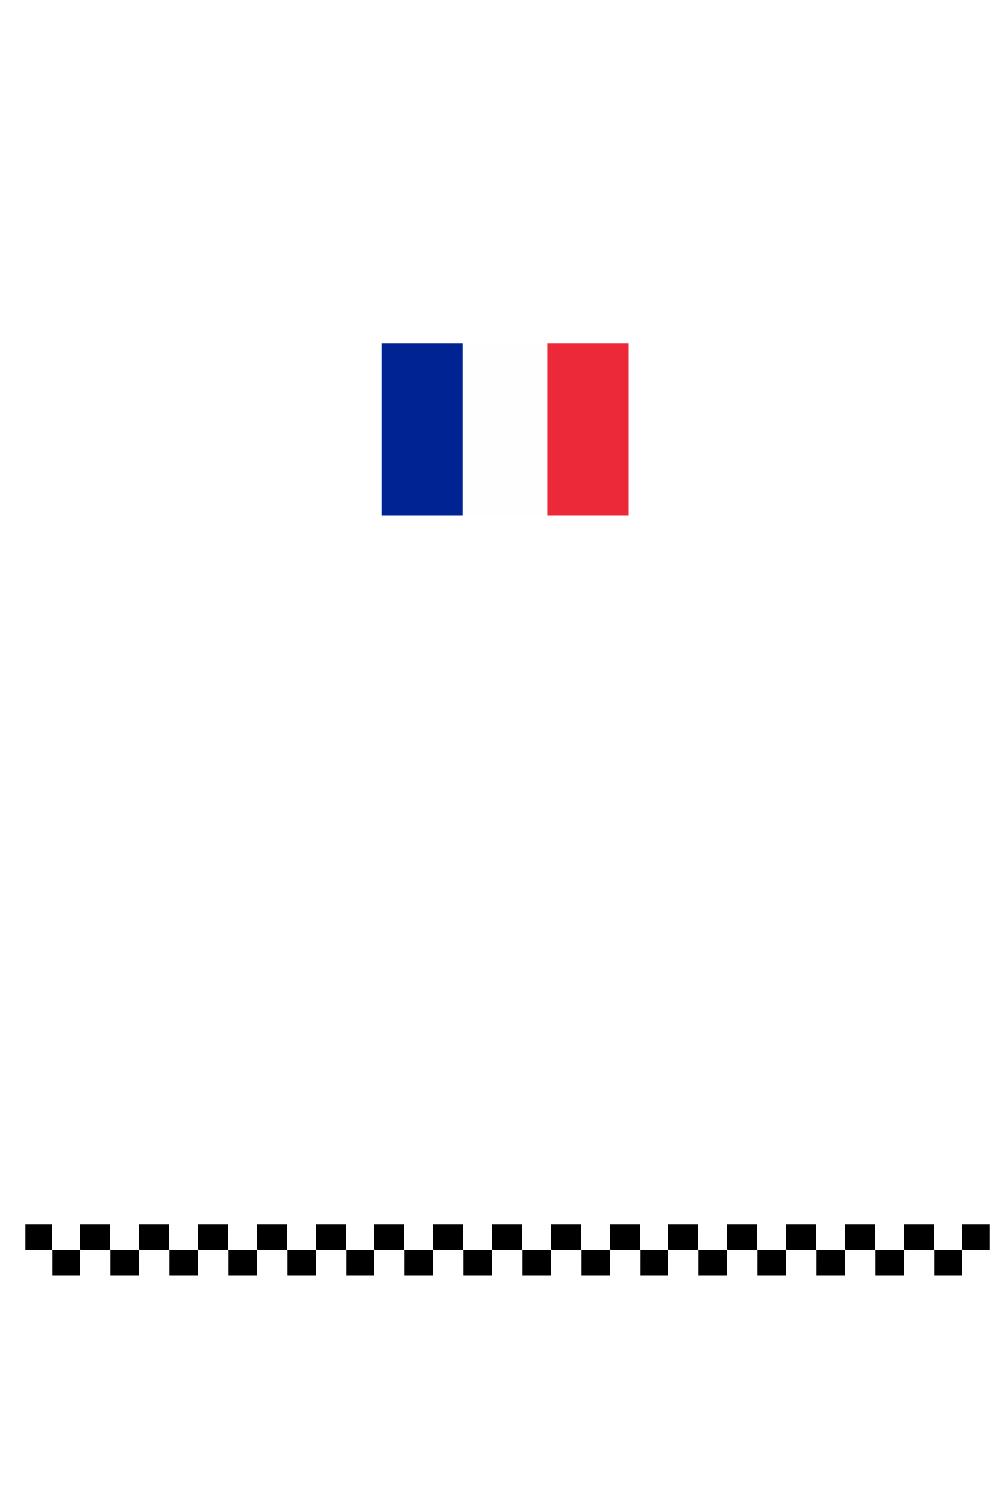 Feed Racing France